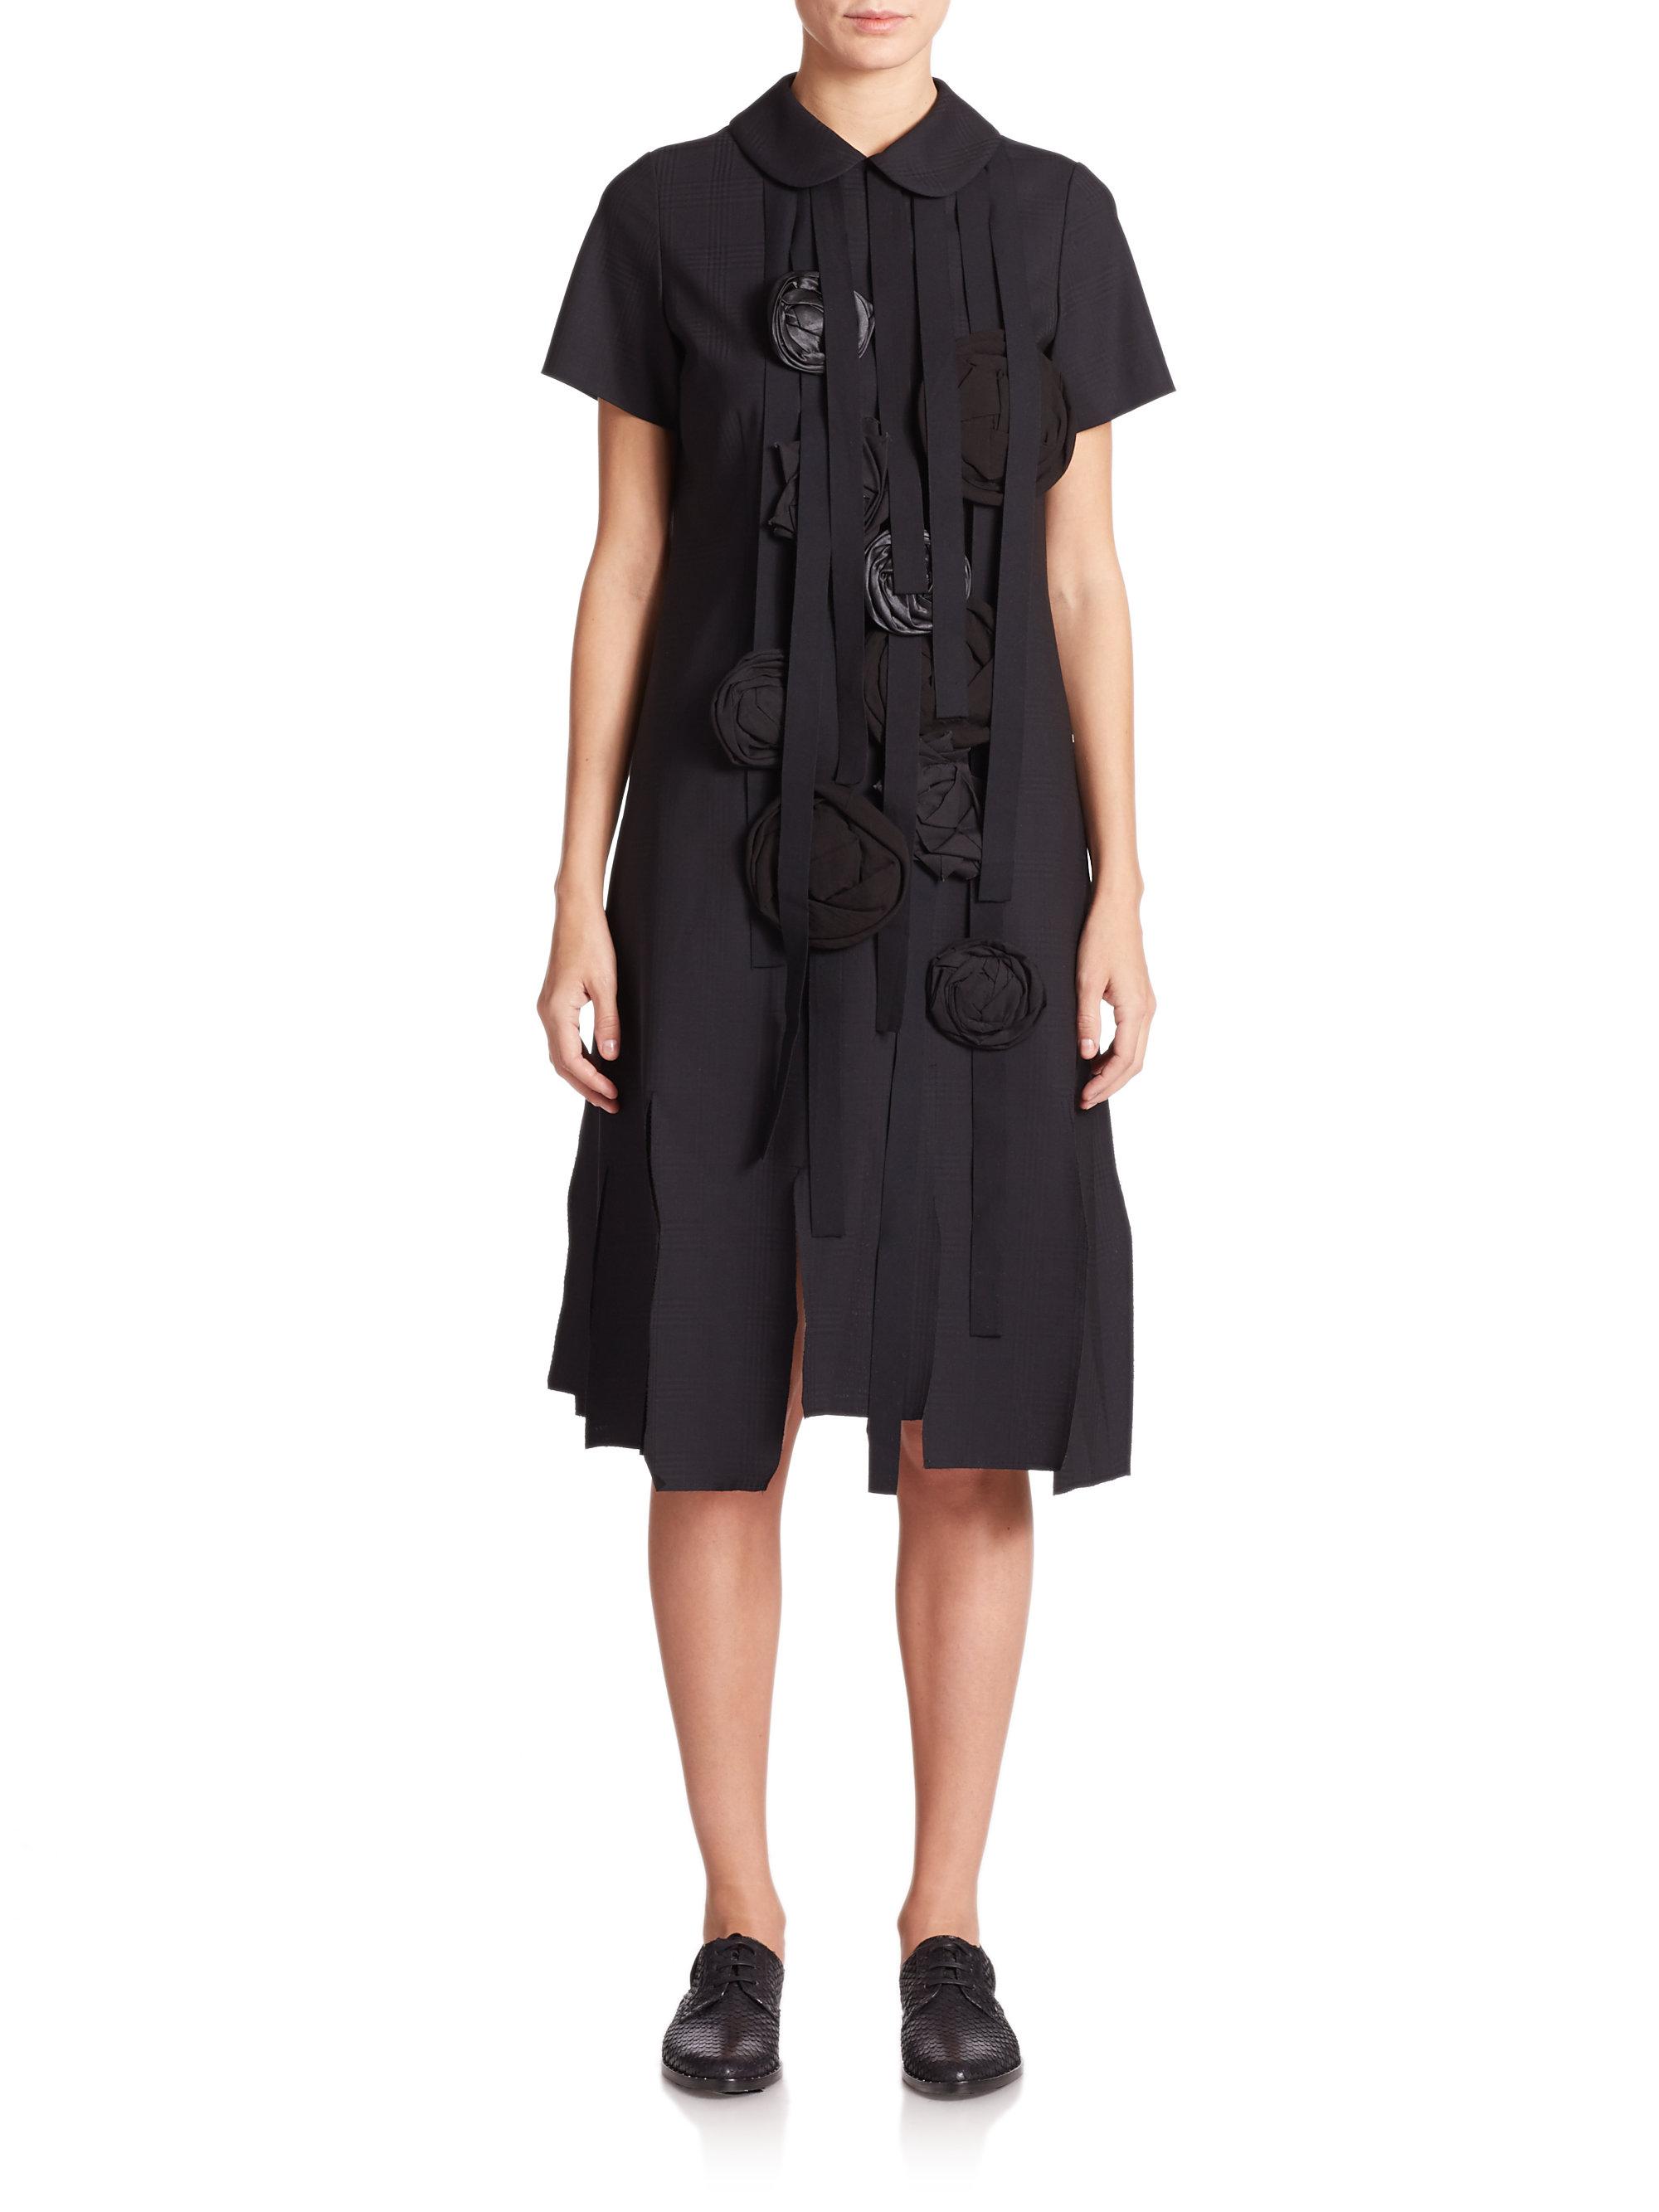 lyst comme des gar ons flower applique dress in black. Black Bedroom Furniture Sets. Home Design Ideas